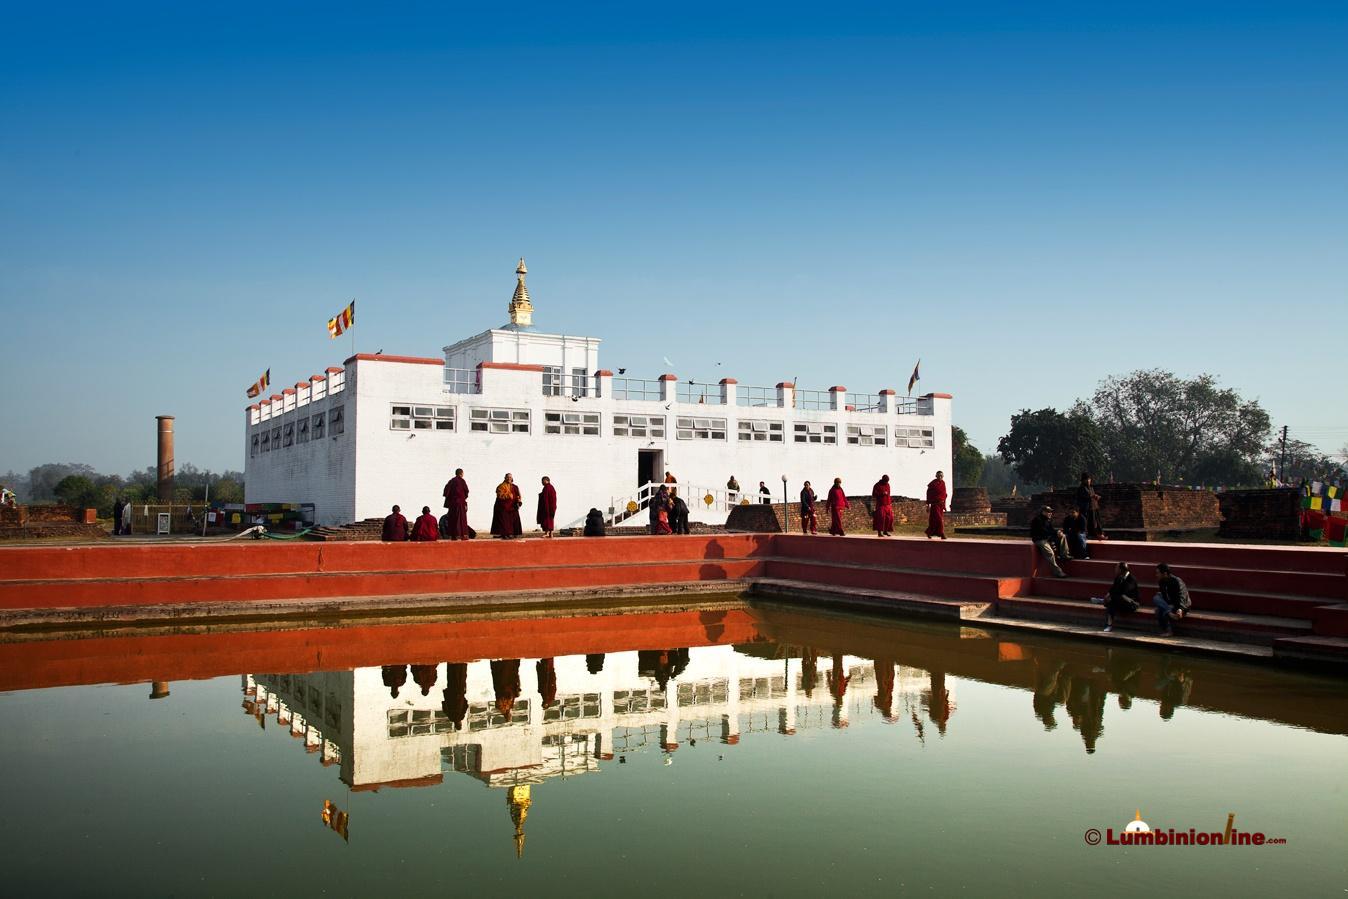 धार्मिक पर्यटनको महत्वपूर्ण गन्तव्य नेपाल